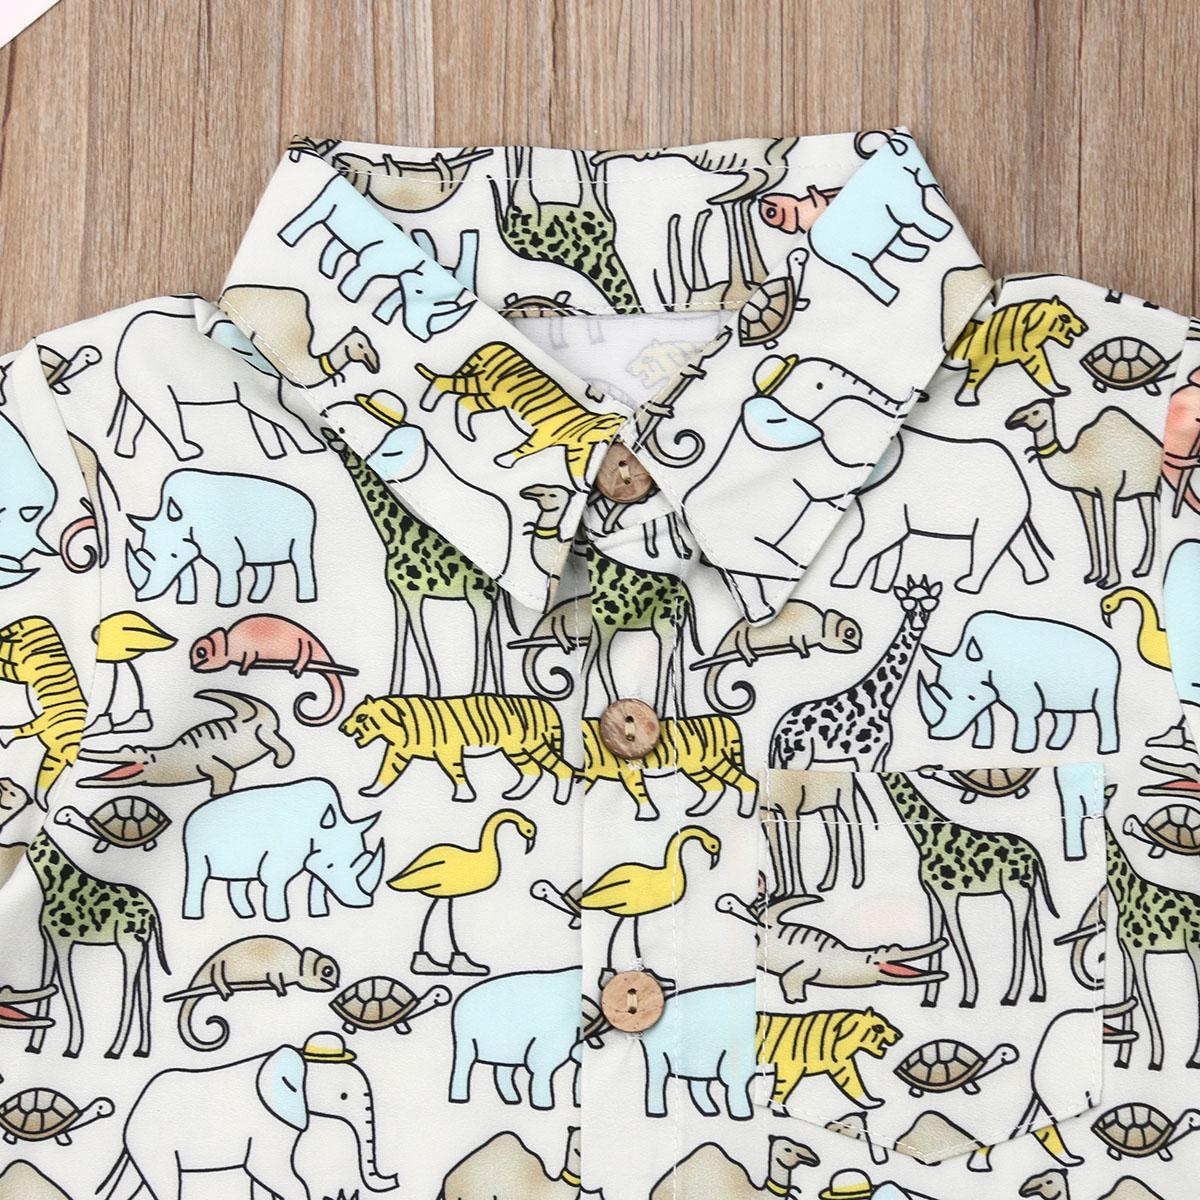 Дети Летняя одежда Набор Повседневный малышей Baby Boy с коротким рукавом животных Кнопка печати Футболка Топ Шорты Брюки 2Pcs Экипировка Одежда